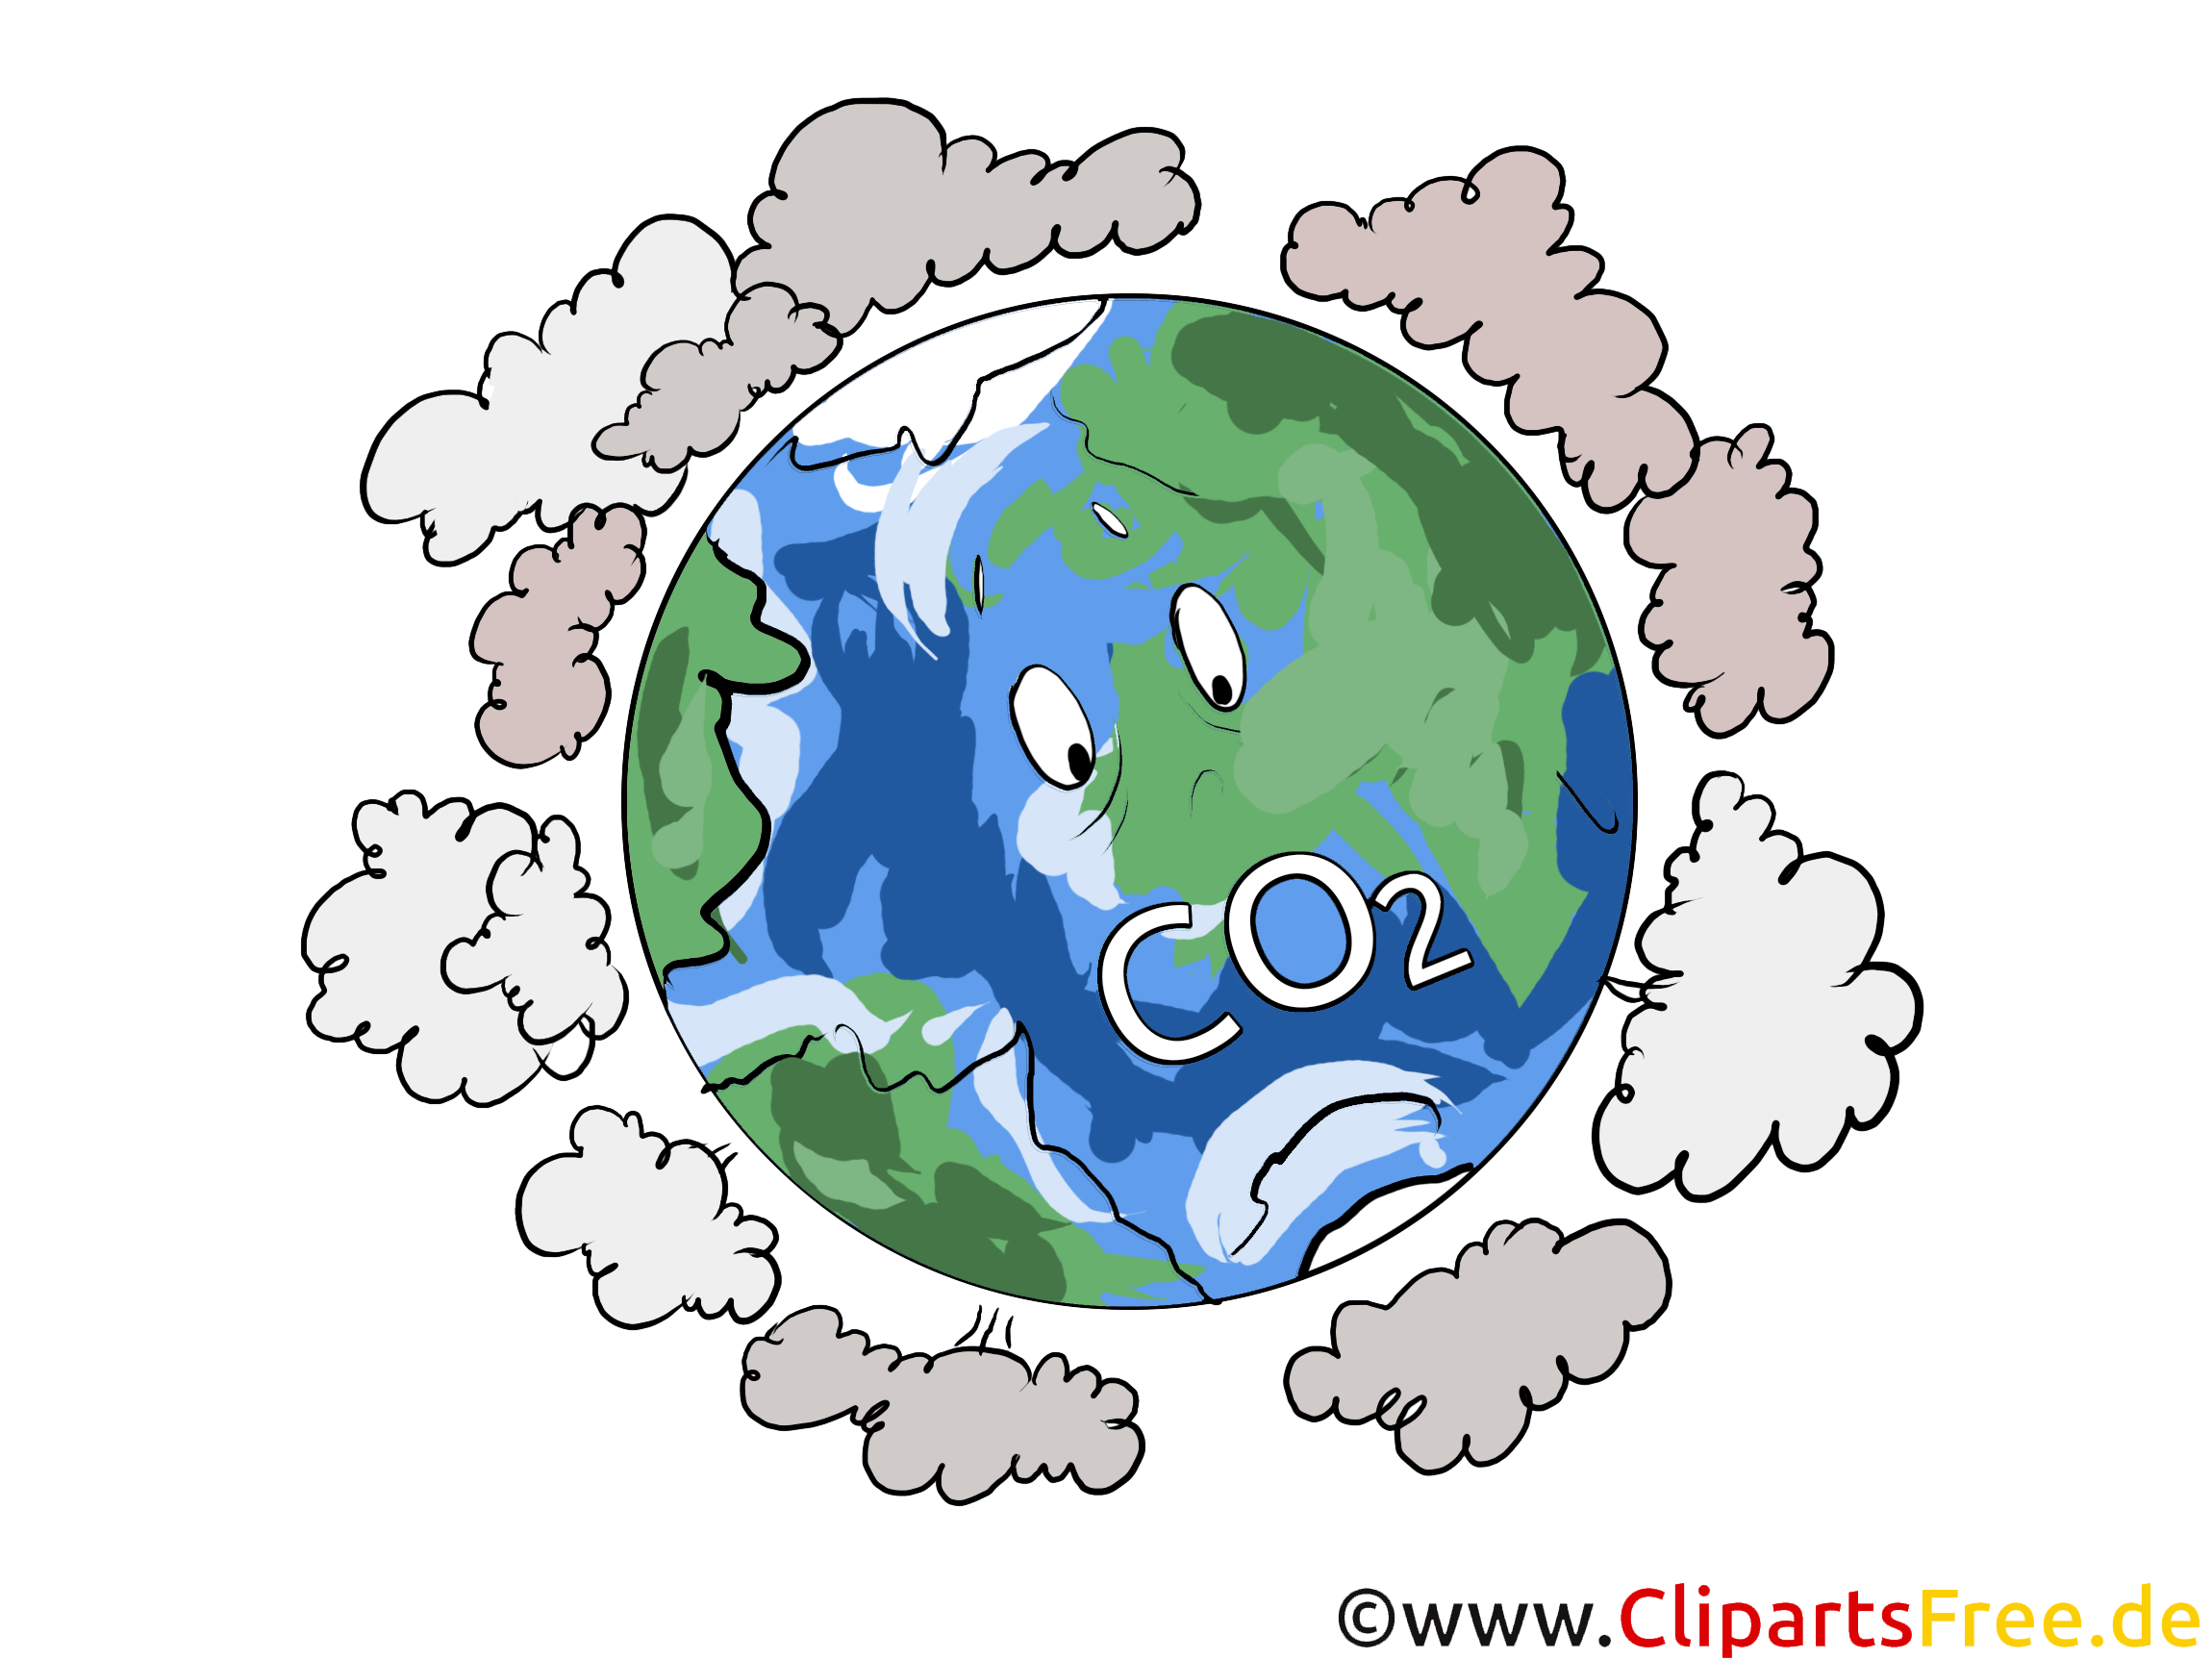 Umwelt auf dem Planeten Erde Stock Bilder, Cliparts, Illustrationen